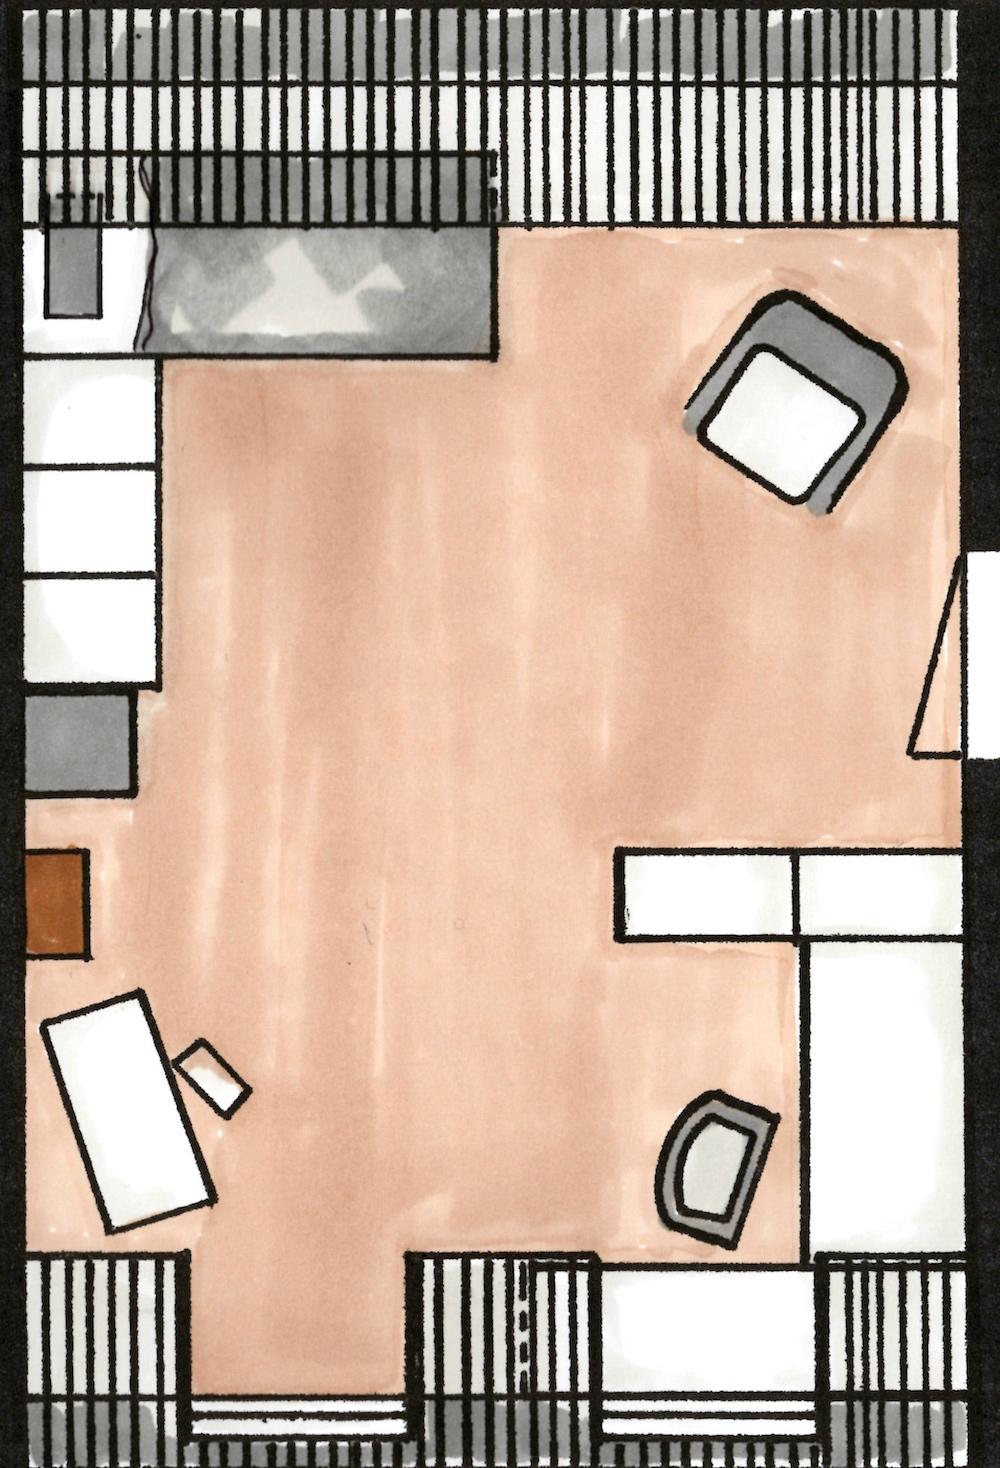 Slaapkamer ruil deel 2: van tekening tot eindresultaat   blog ...